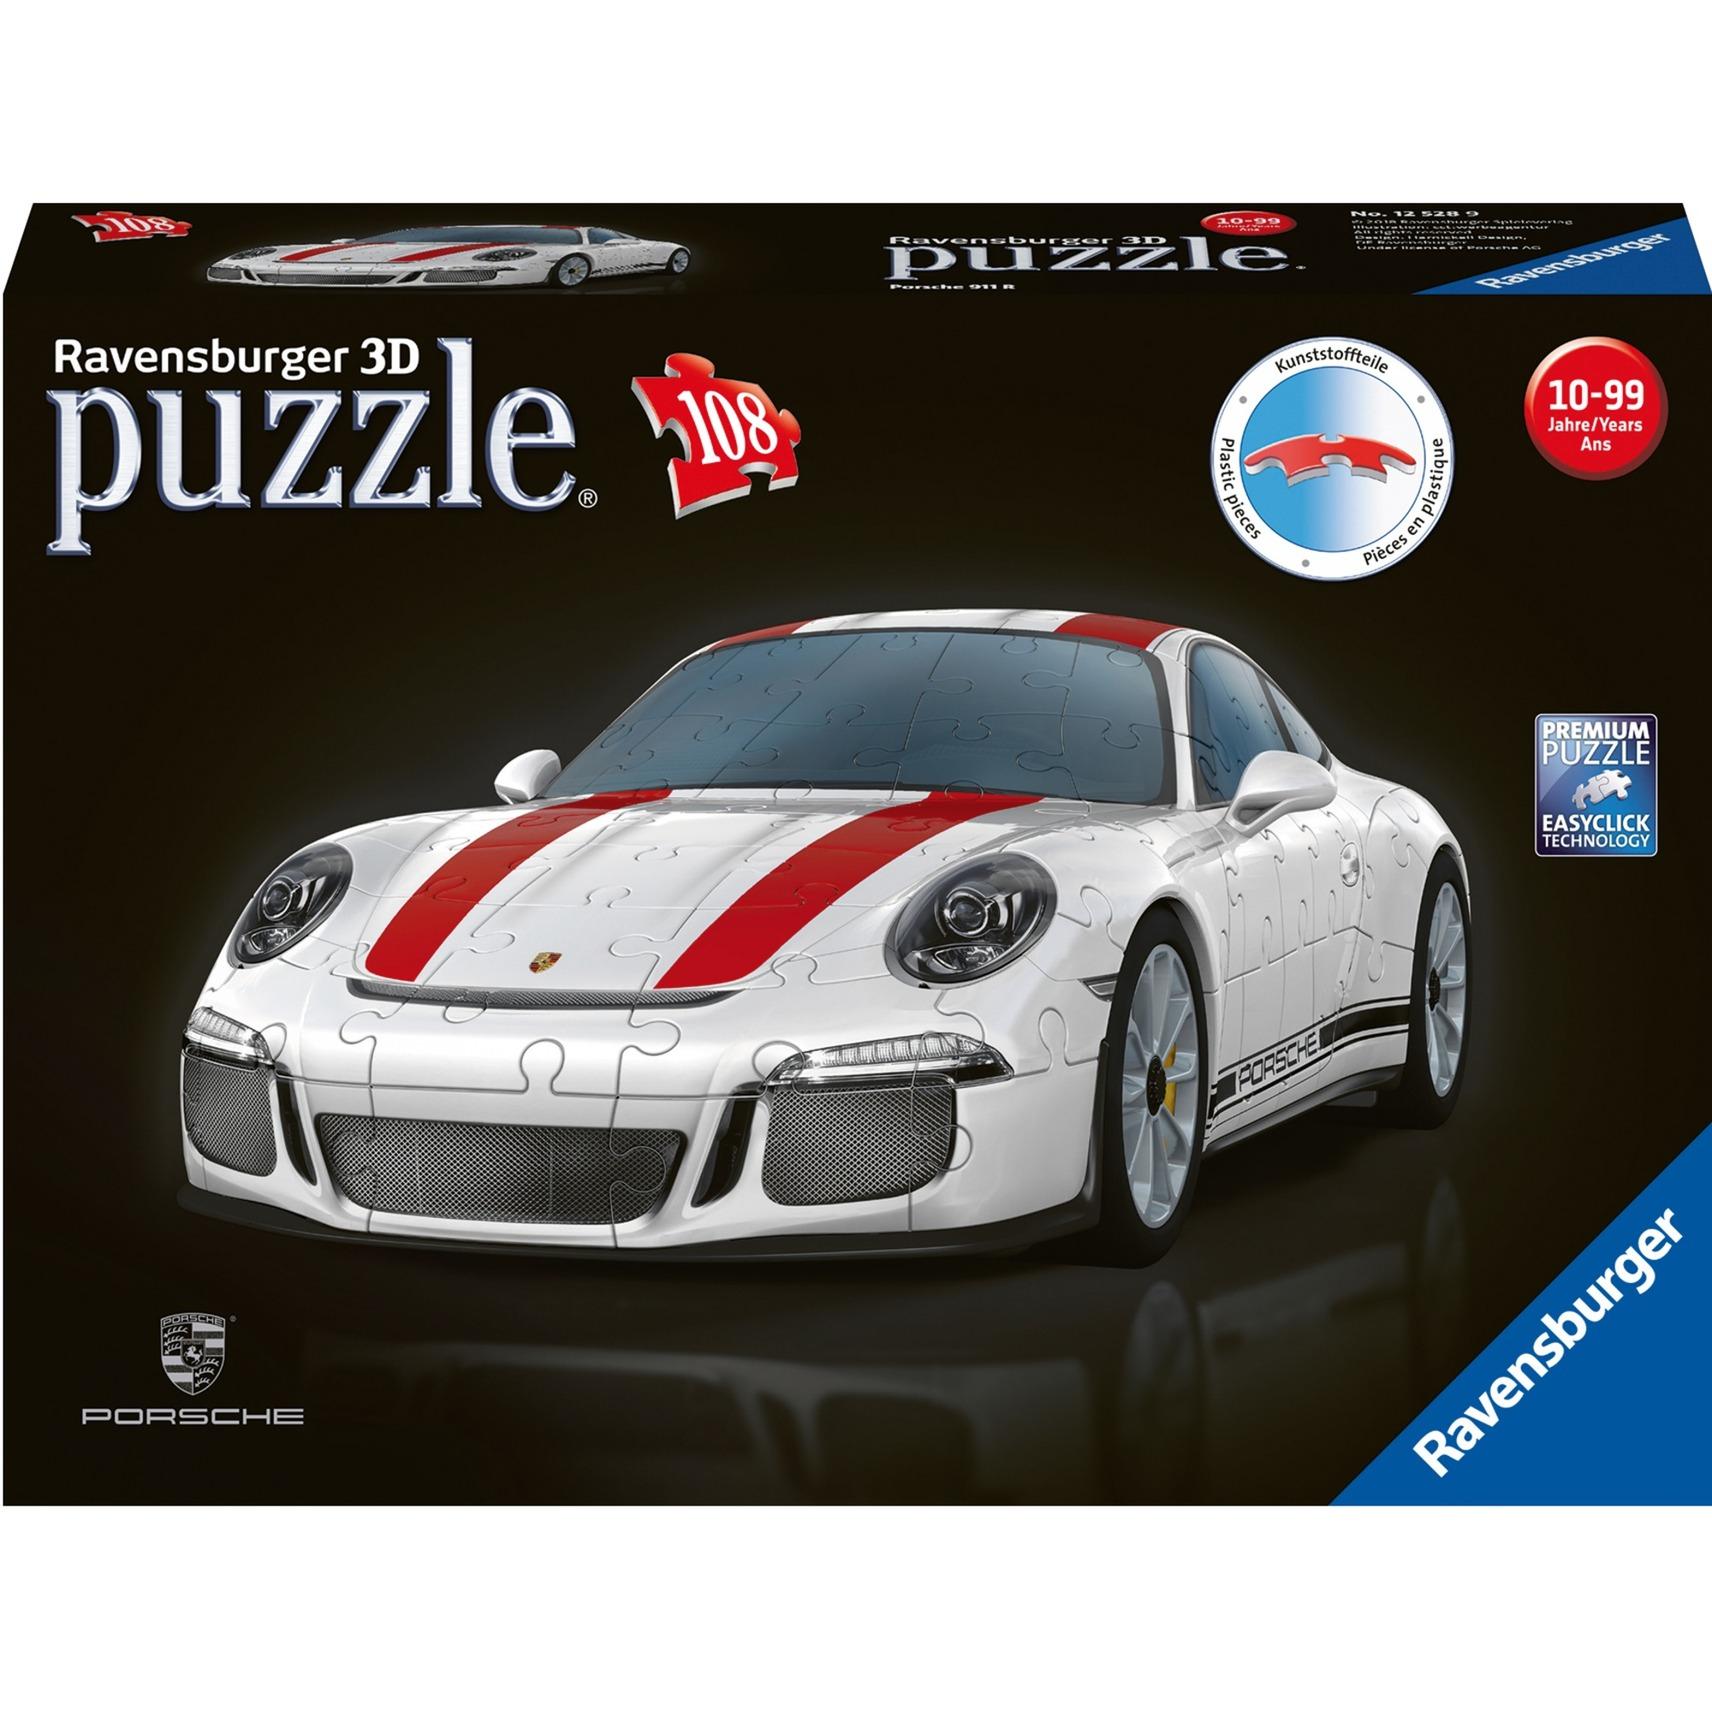 Ravensburger - Porsche Puzzle 3D